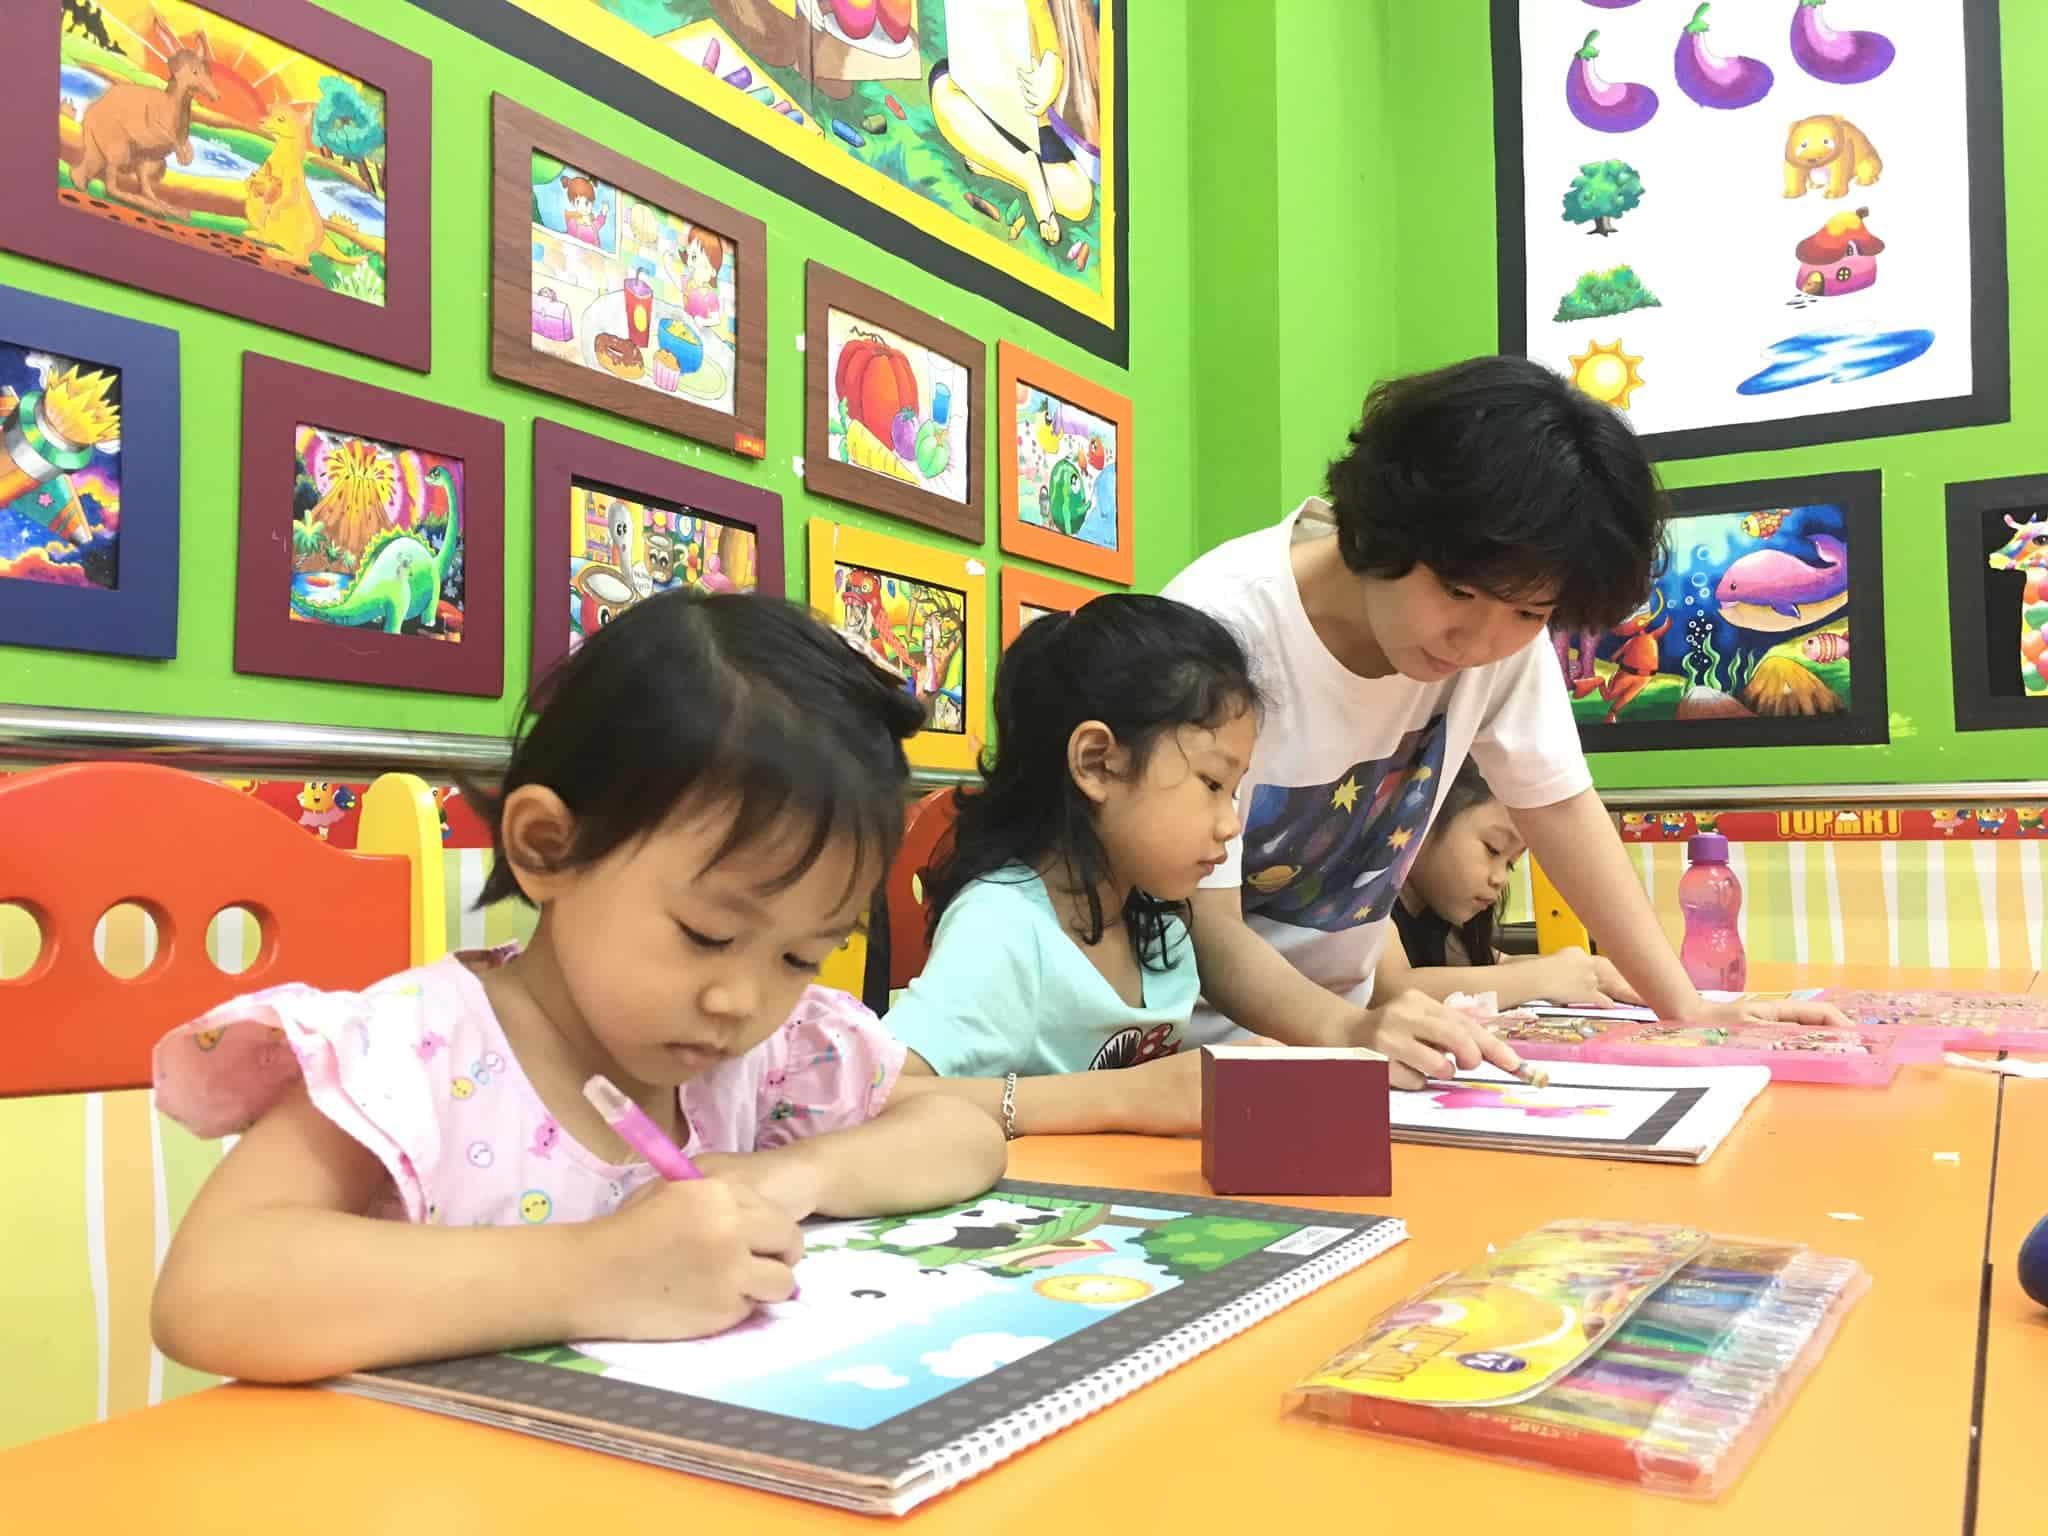 Nhu cầu học vẽ cho trẻ em tại TopArt - Mỹ Thuật TopArt